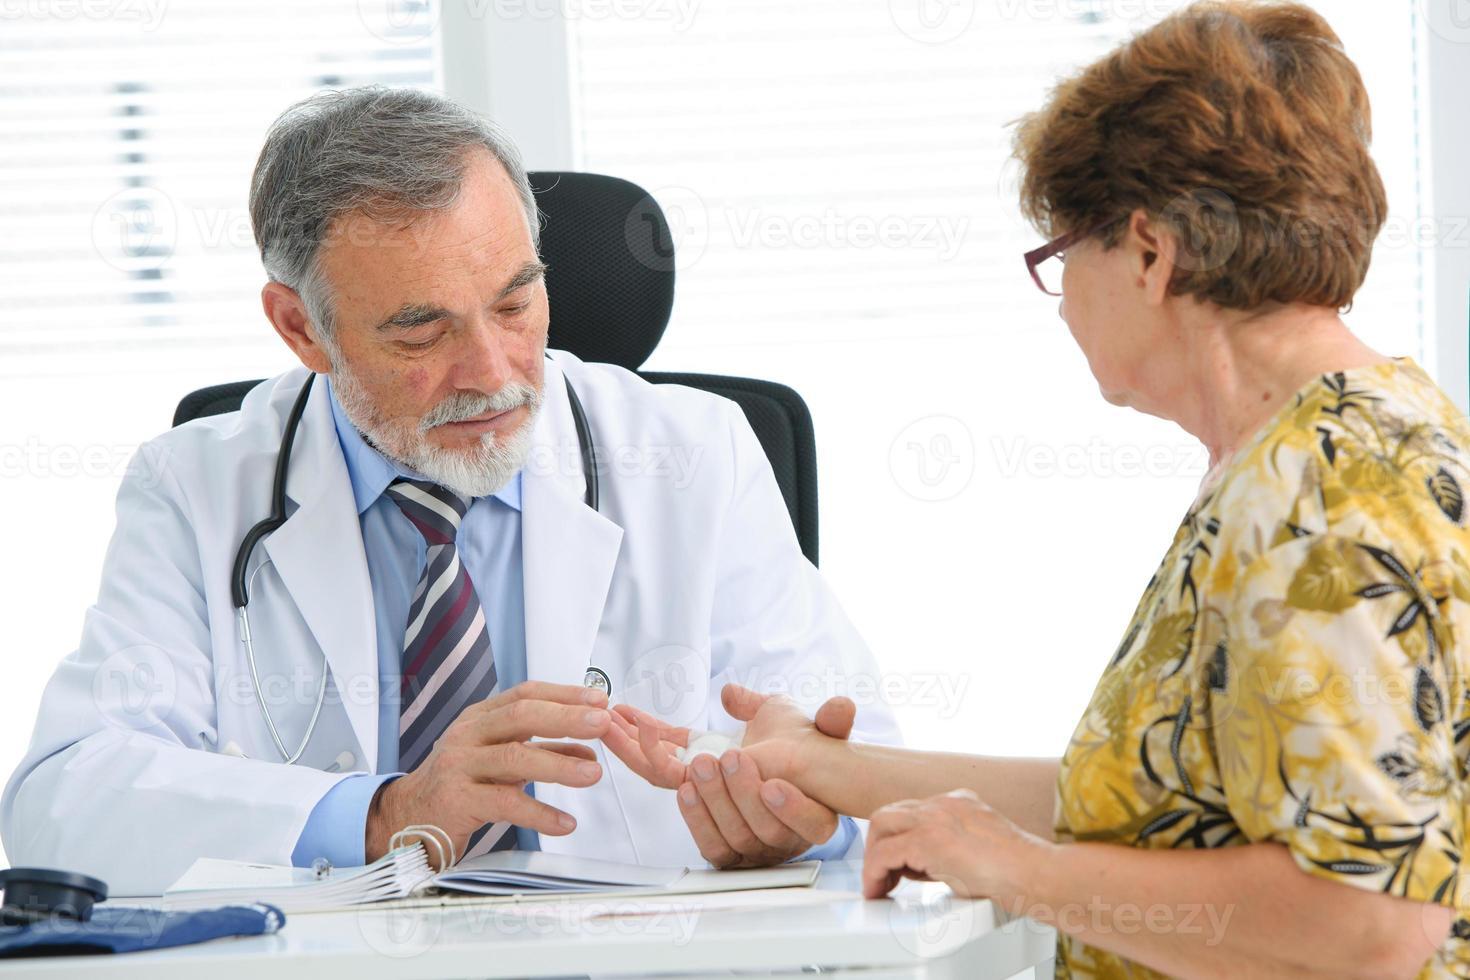 esame medico foto